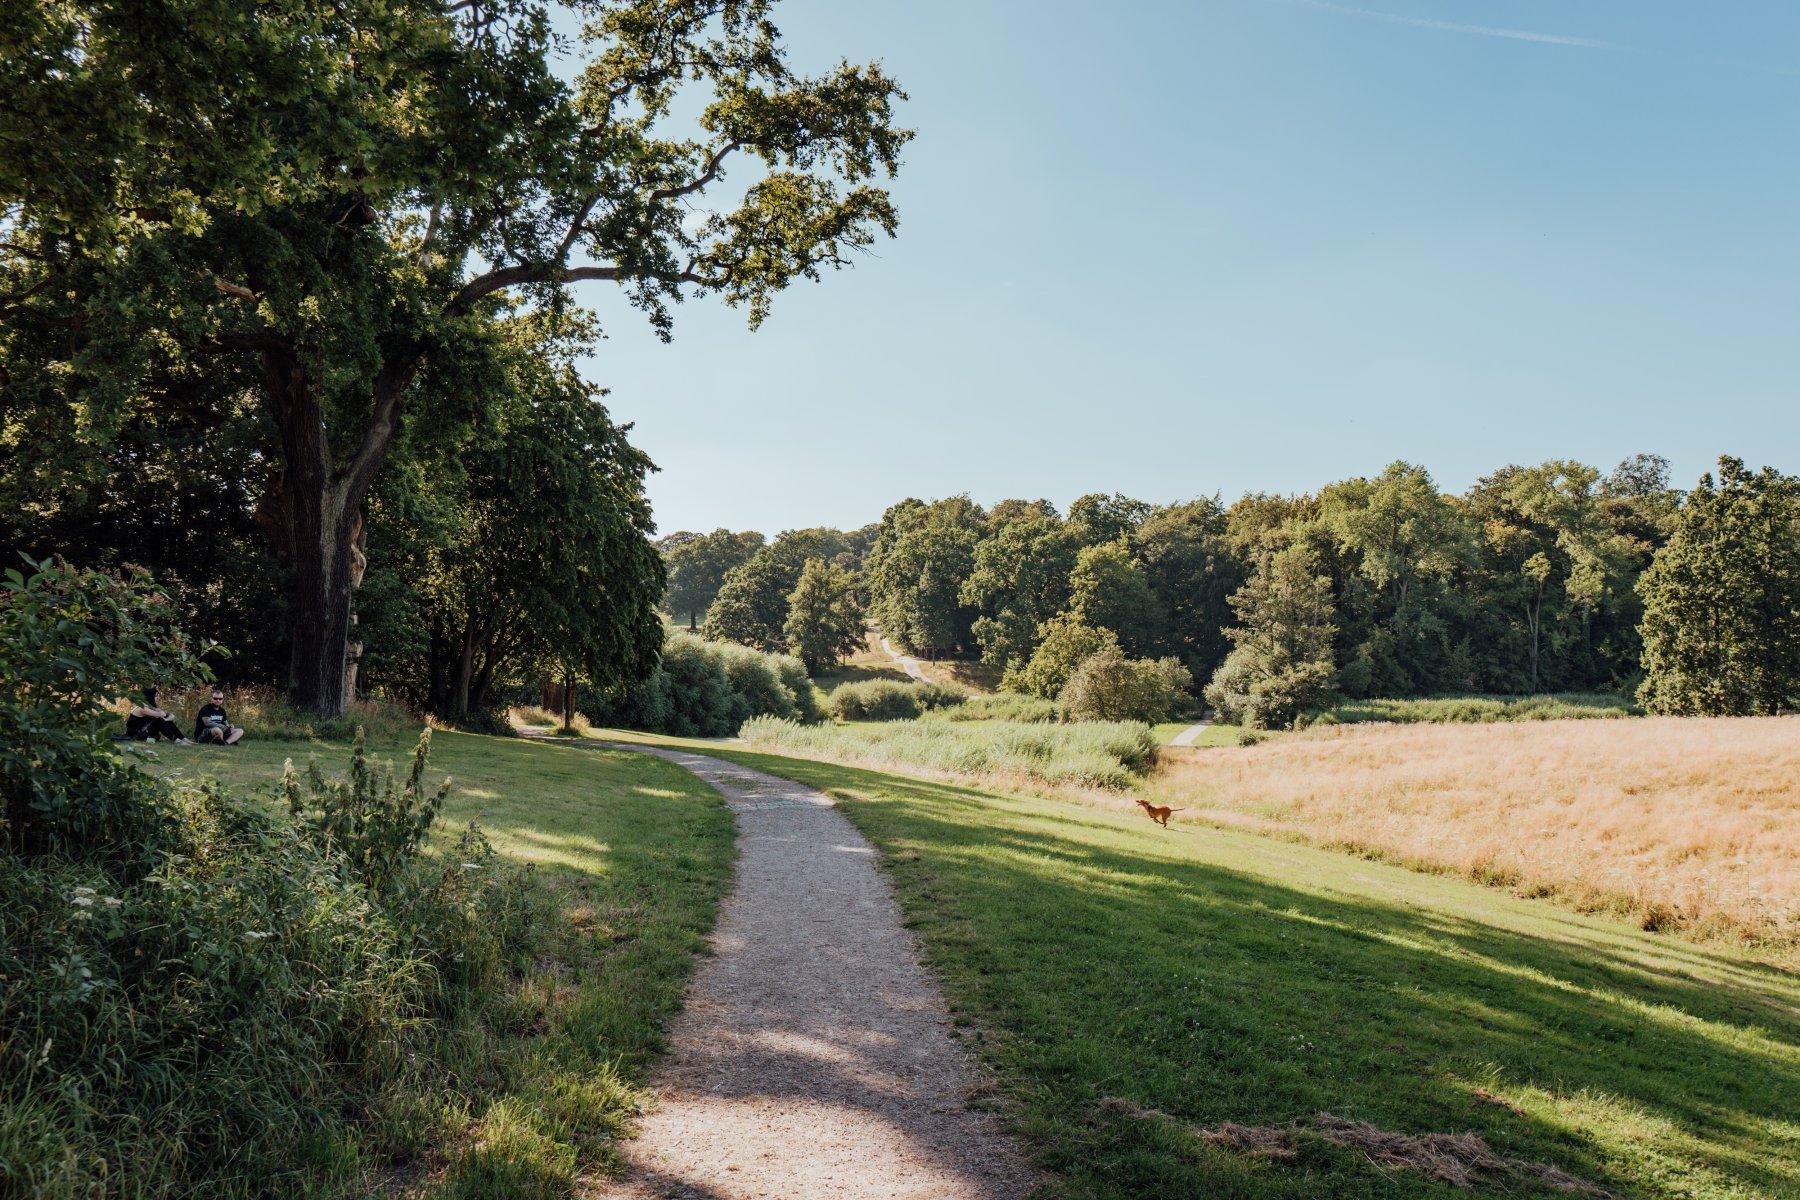 Geheimtipp Hamburg Othmarschen Natur & Ausflüge Grüne Ecken Jenischpark 11